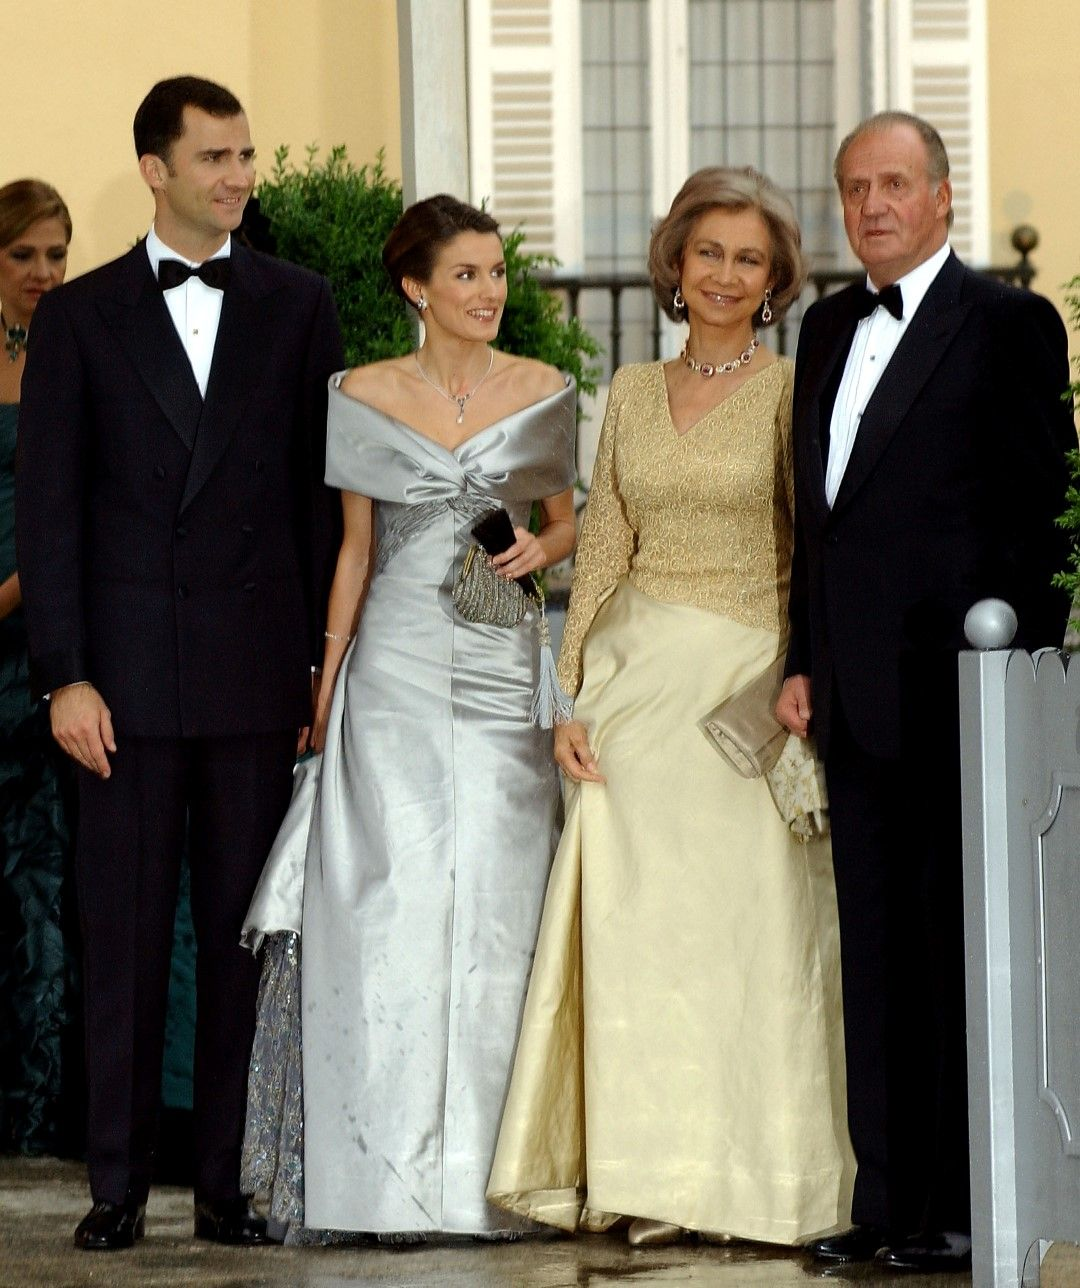 Летисия и Фелипе вечерта преди сватбата си заедно с крал Хуан Карлос и кралица София